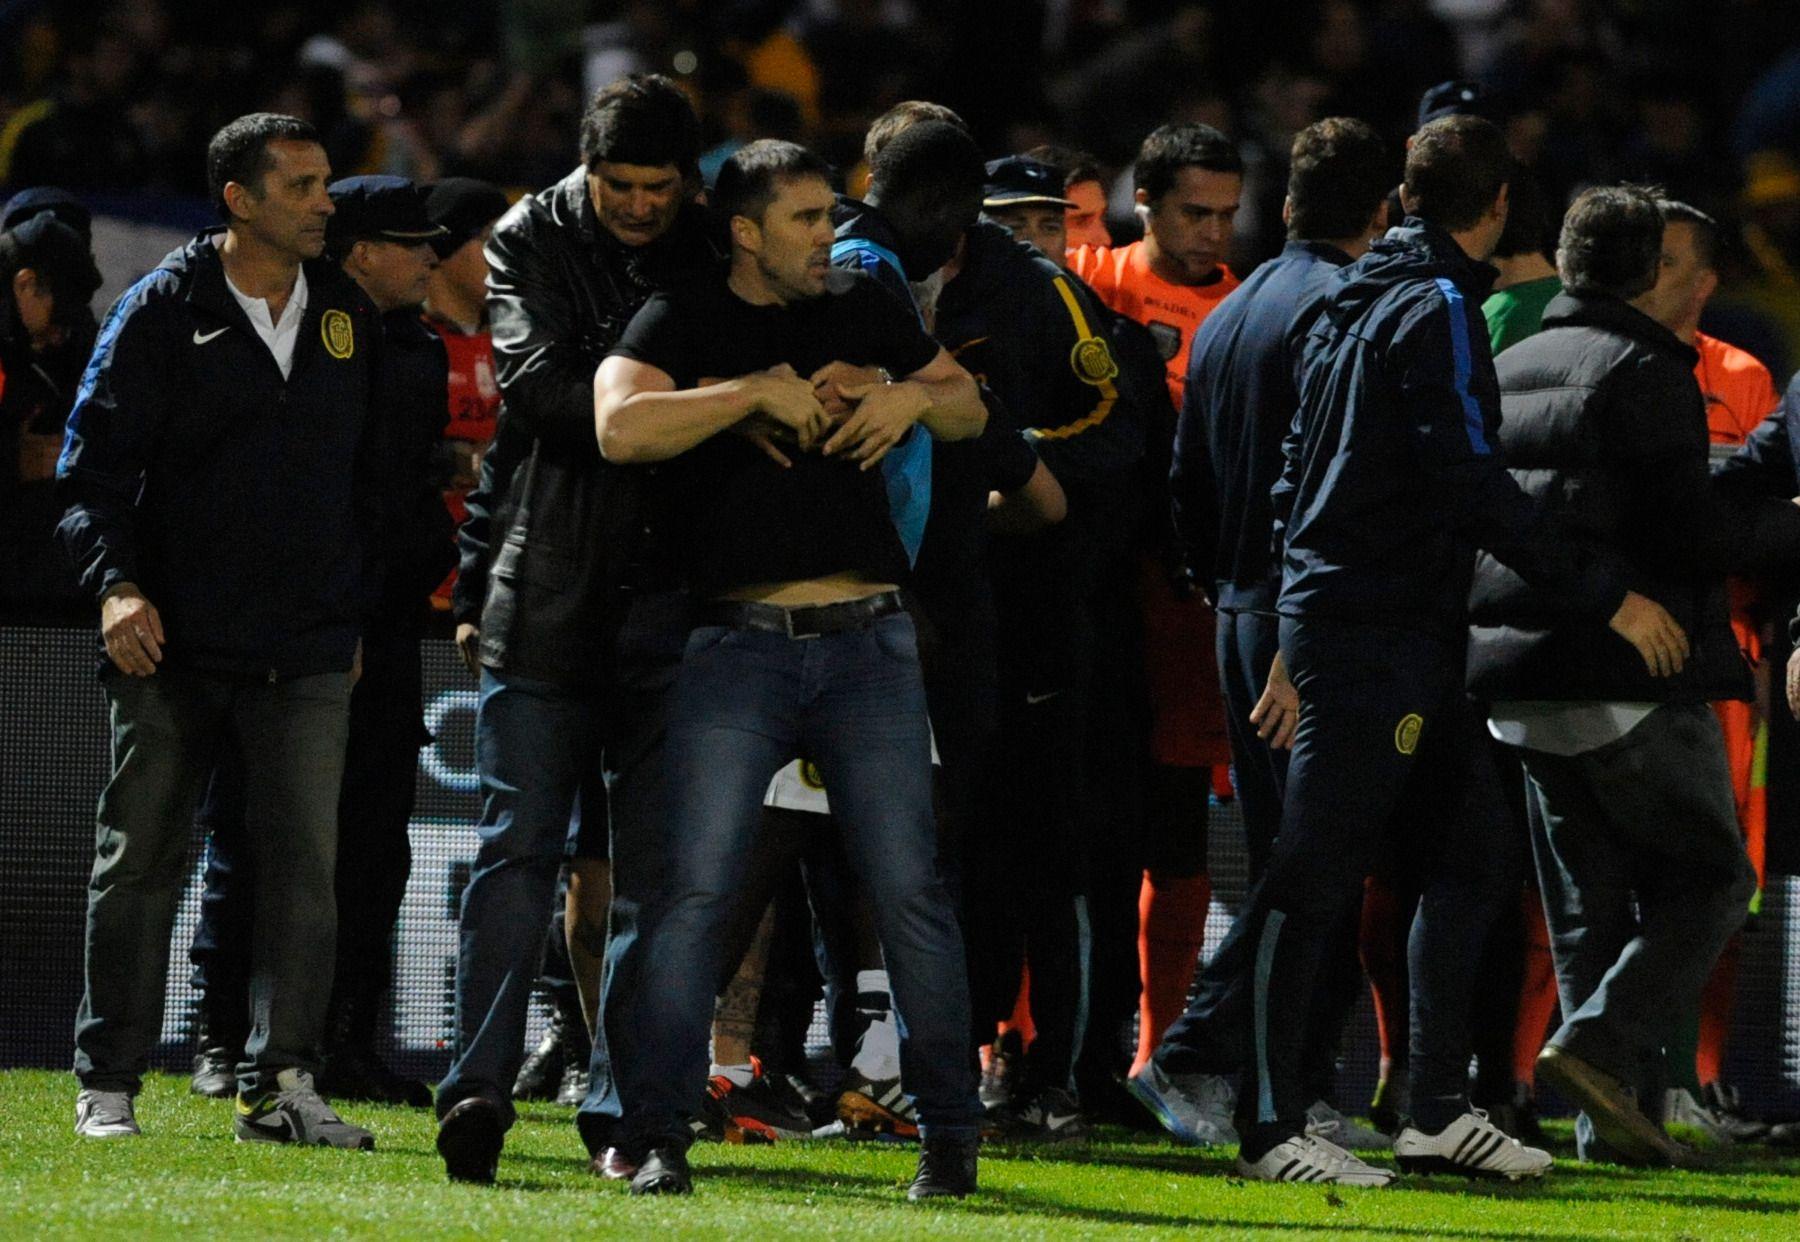 El entrenador canalla tras su reclamo hacia el árbitro Ceballos luego de la final.